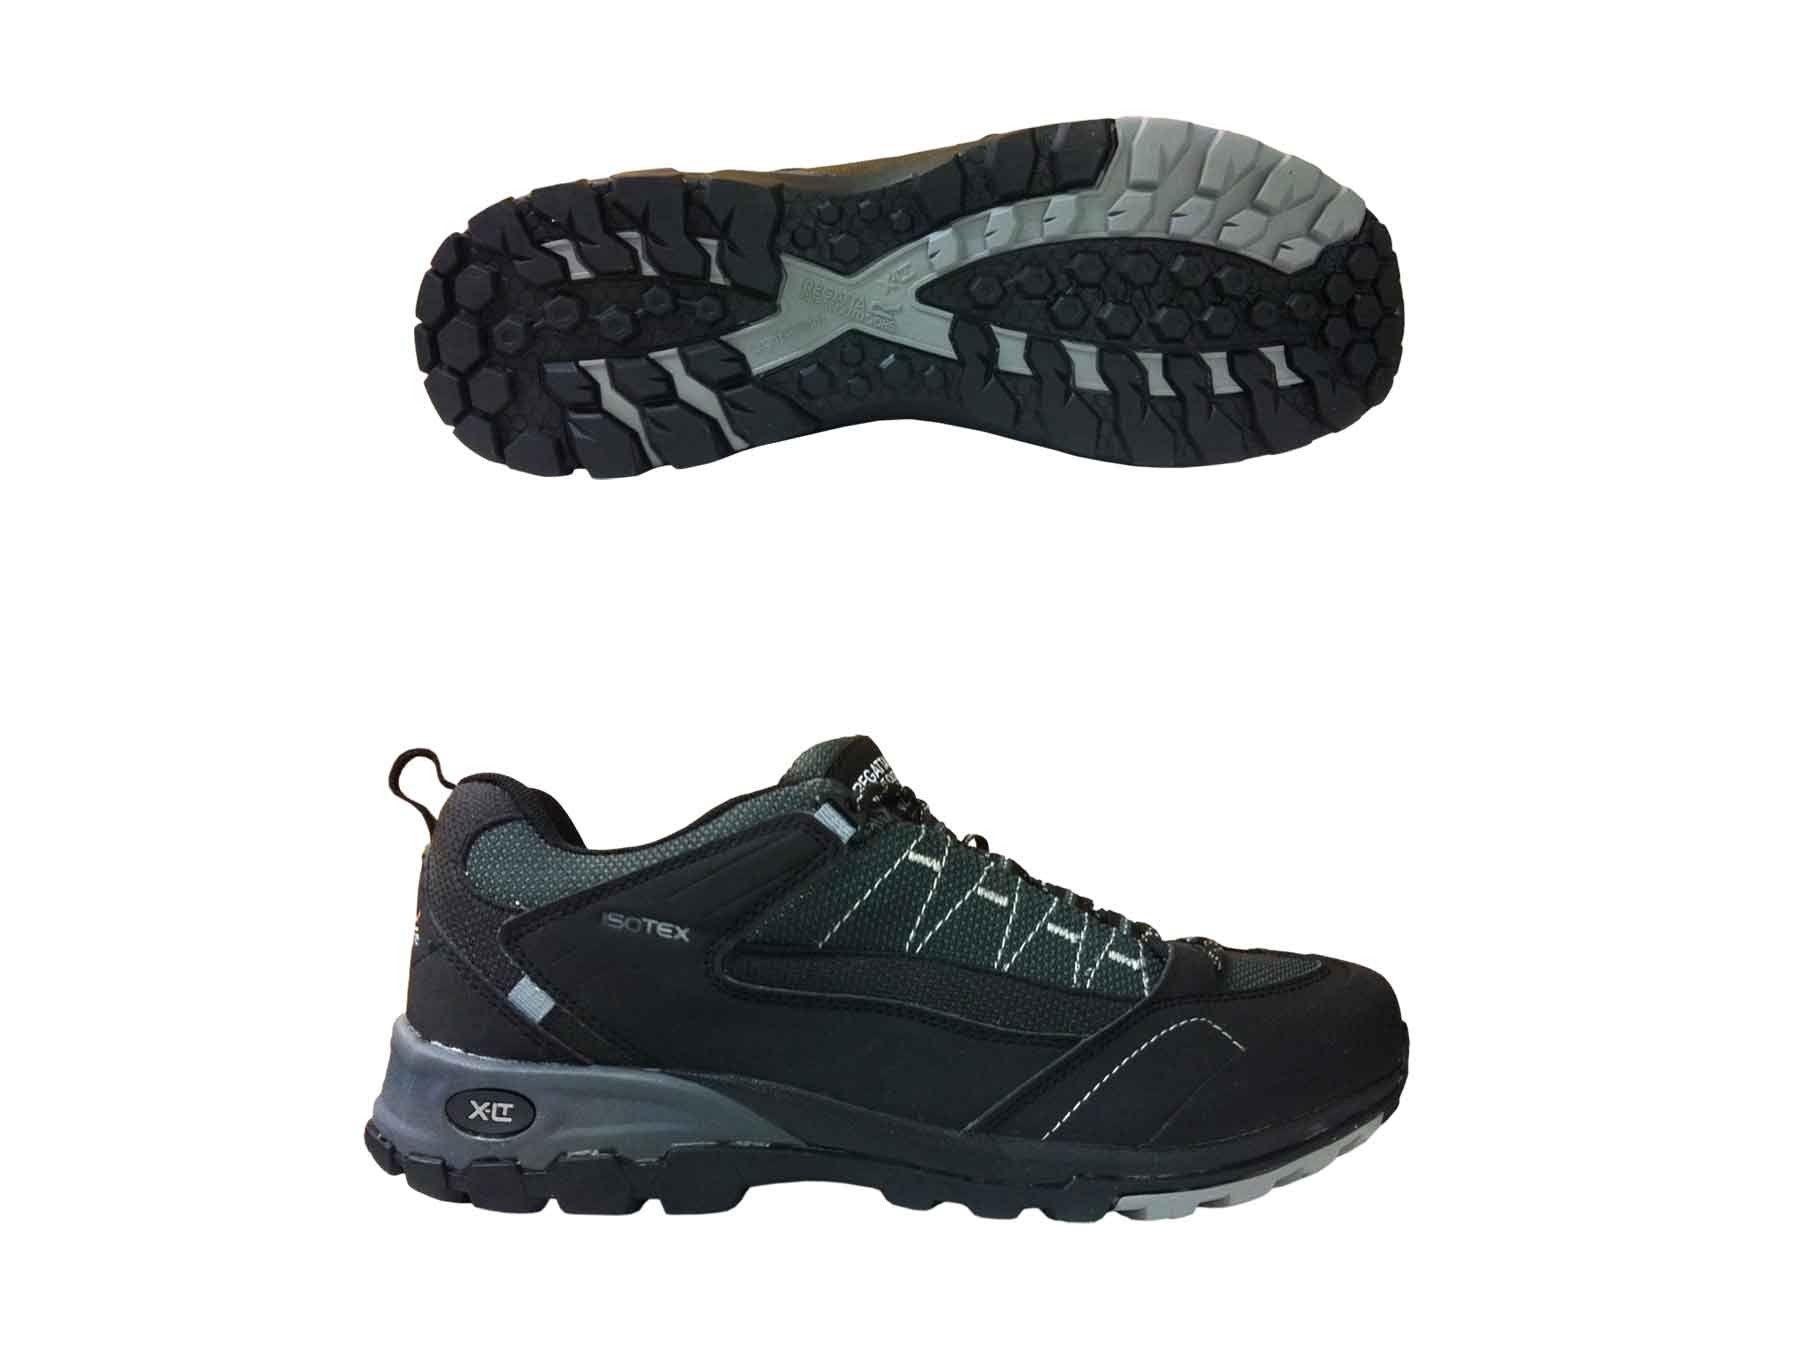 Chaussures De Régate Pour Les Hommes 5dZImA56m